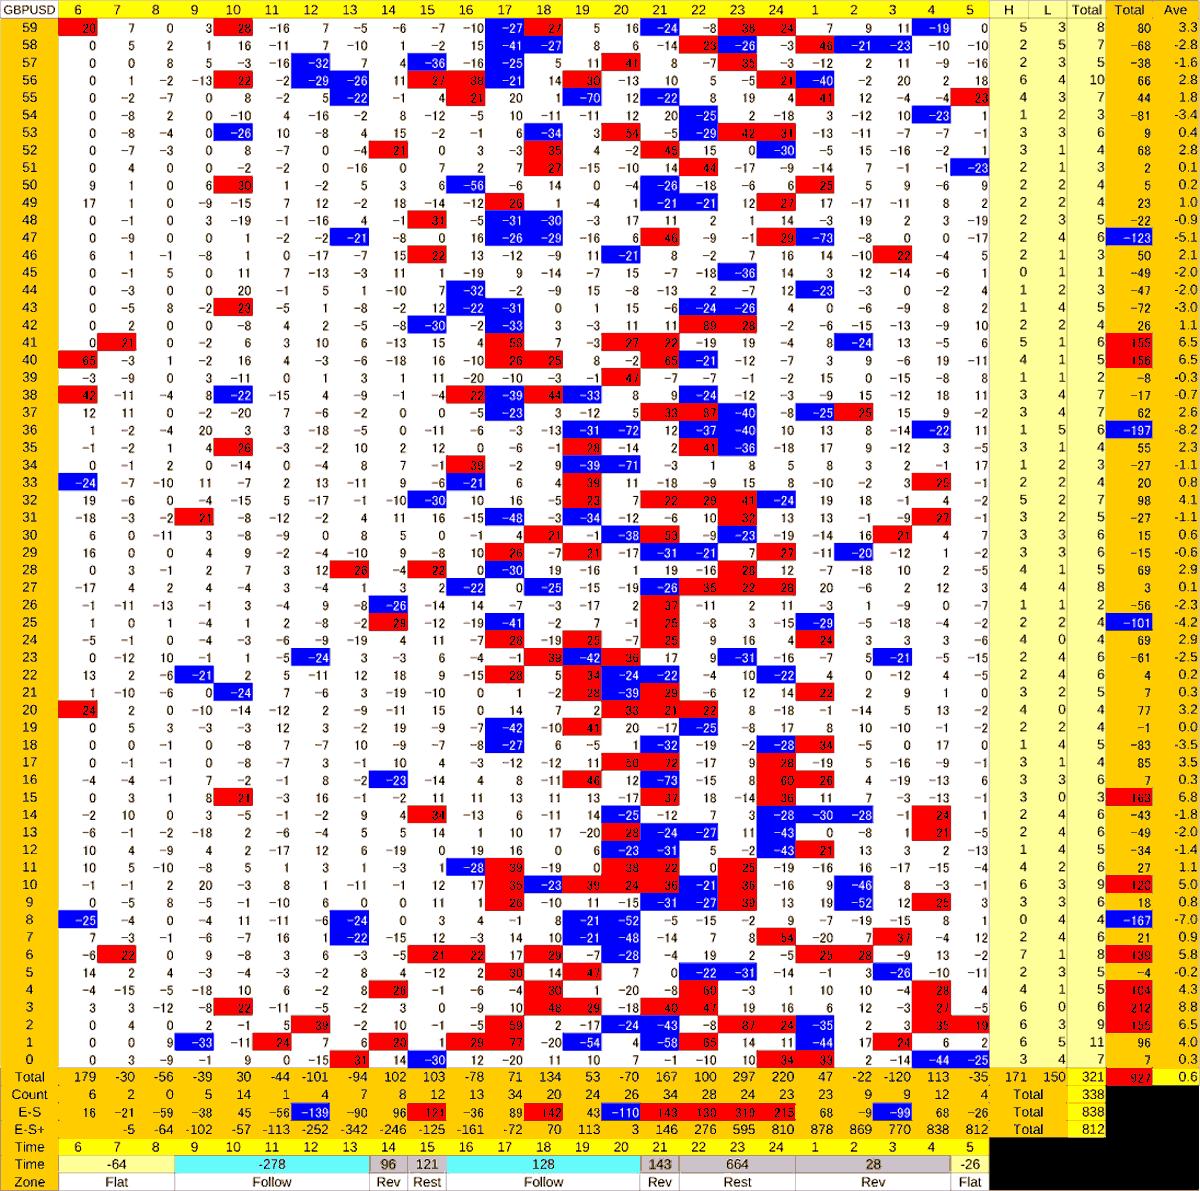 20200701_HS(2)GBPUSD